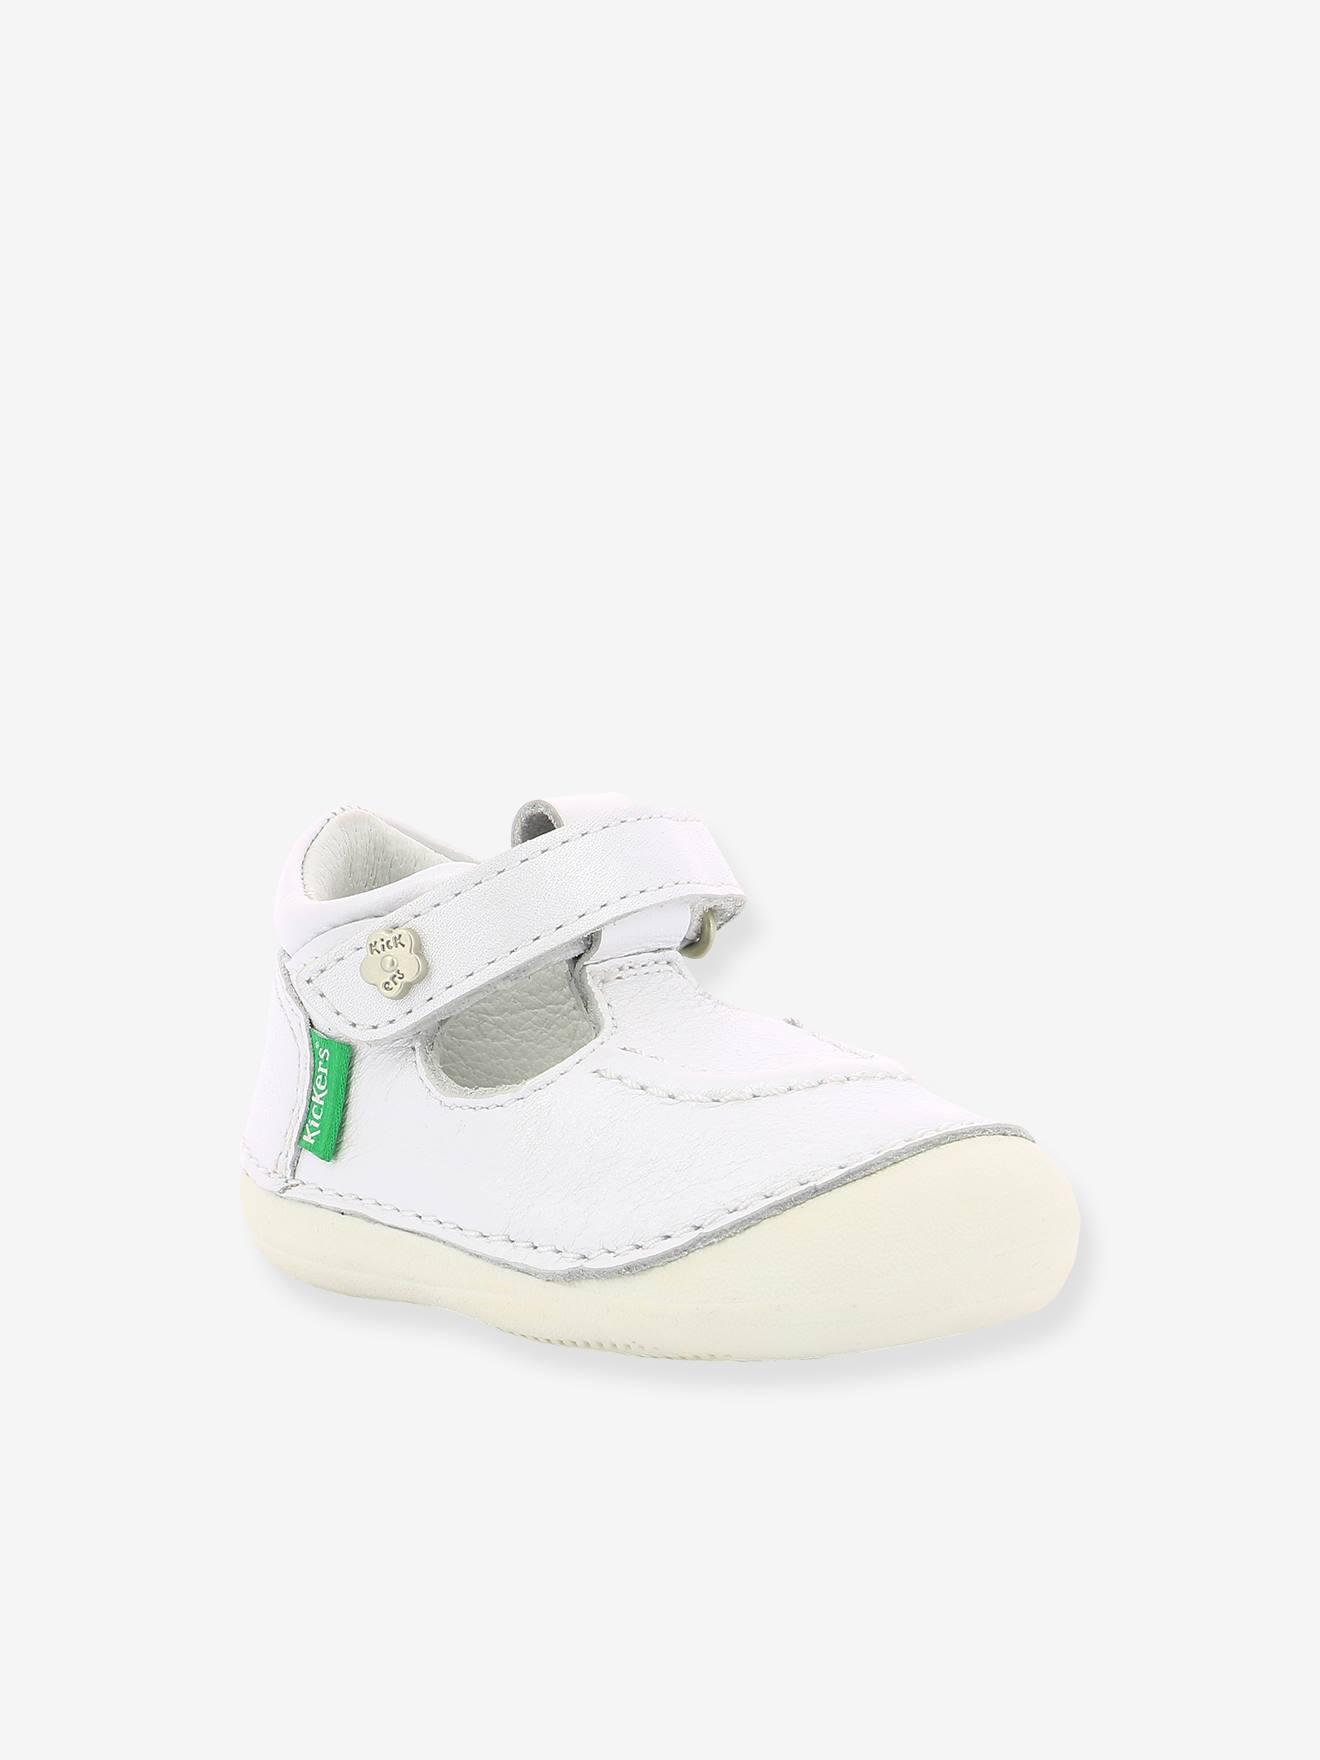 Sandales cuir bébé fille Salomé KICKERS® 1ers pas blanc